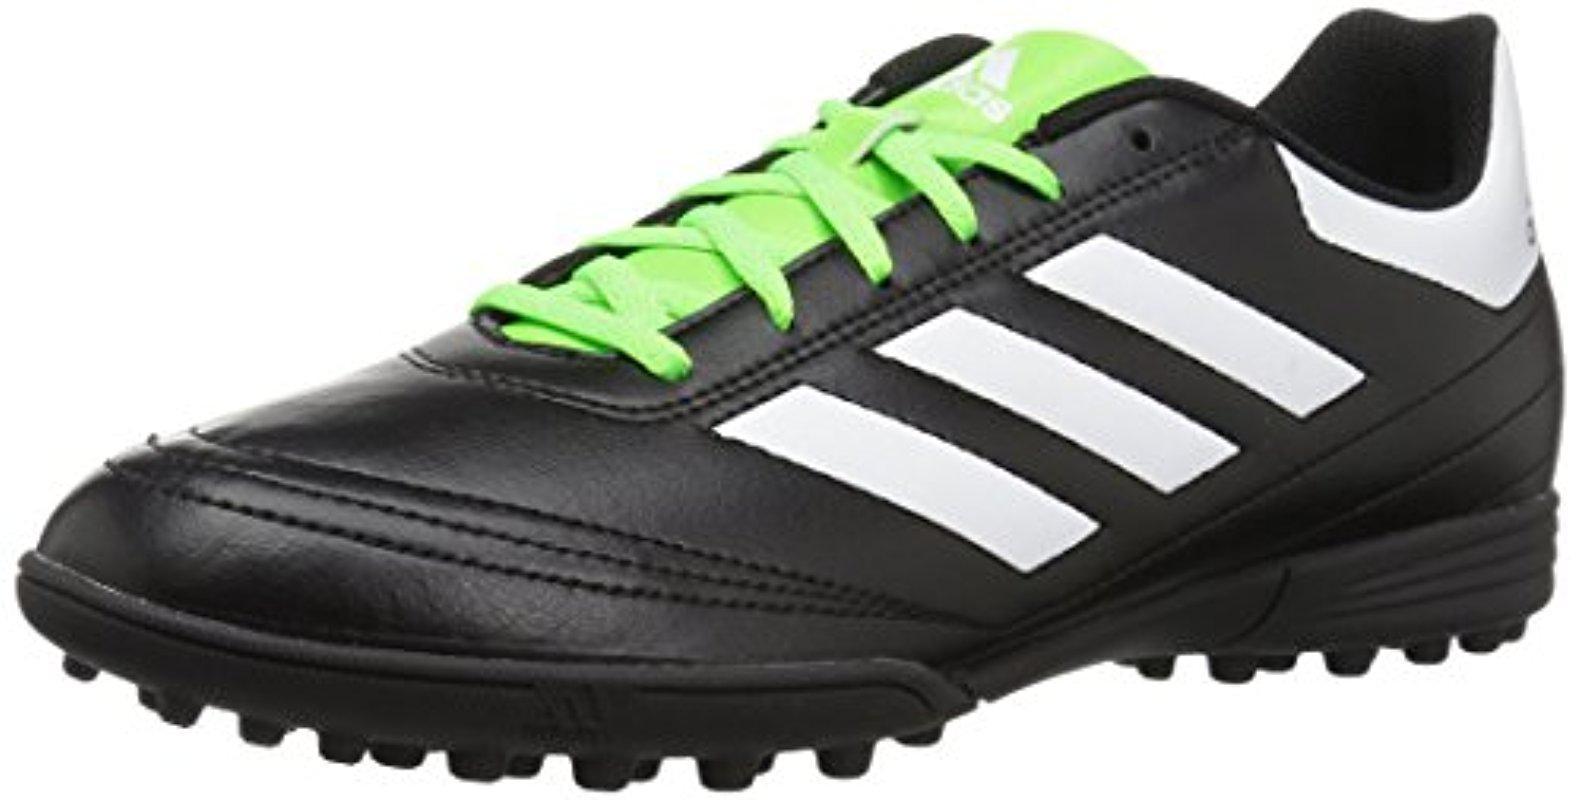 lyst adidas goletto vi tf scarpe, nero / bianco / verde solare, 9